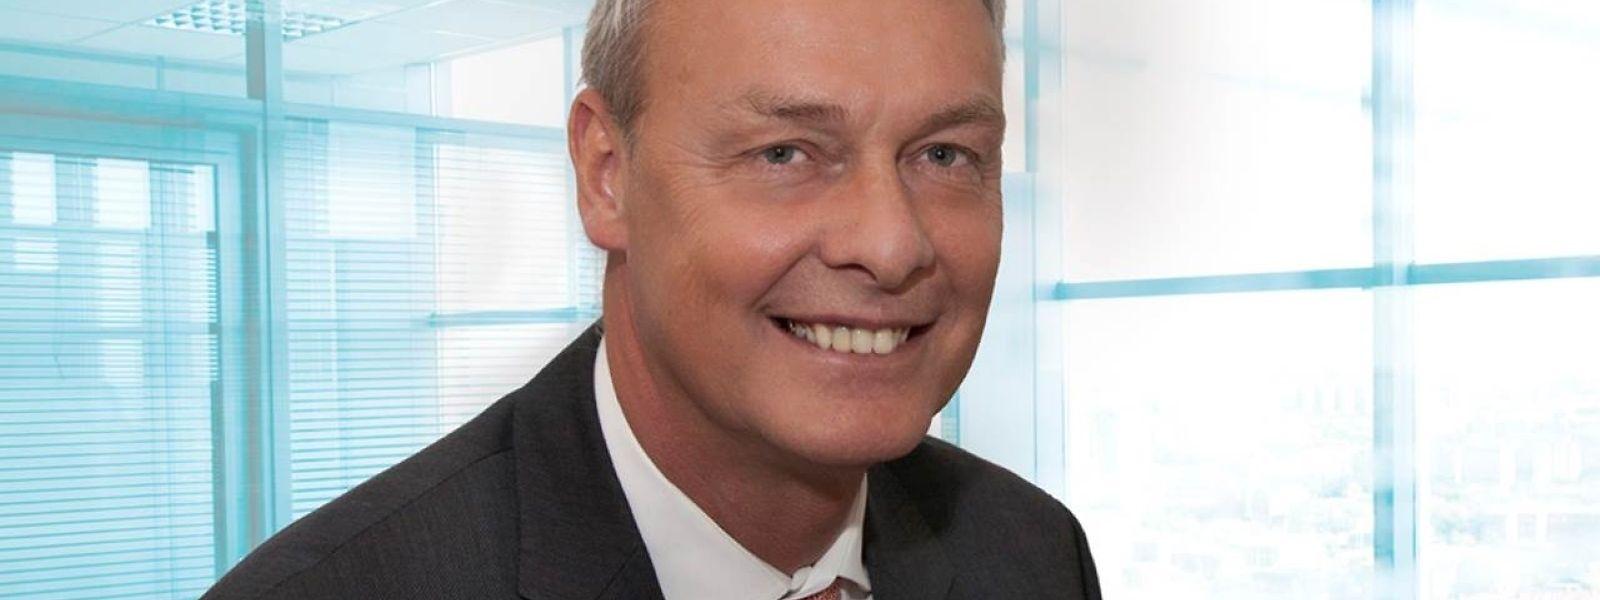 Der scheidende Generaldirektor Dr. Hansjörg Reimer ist Facharzt für Orthopädie und Unfallchirurgie im CHEM.